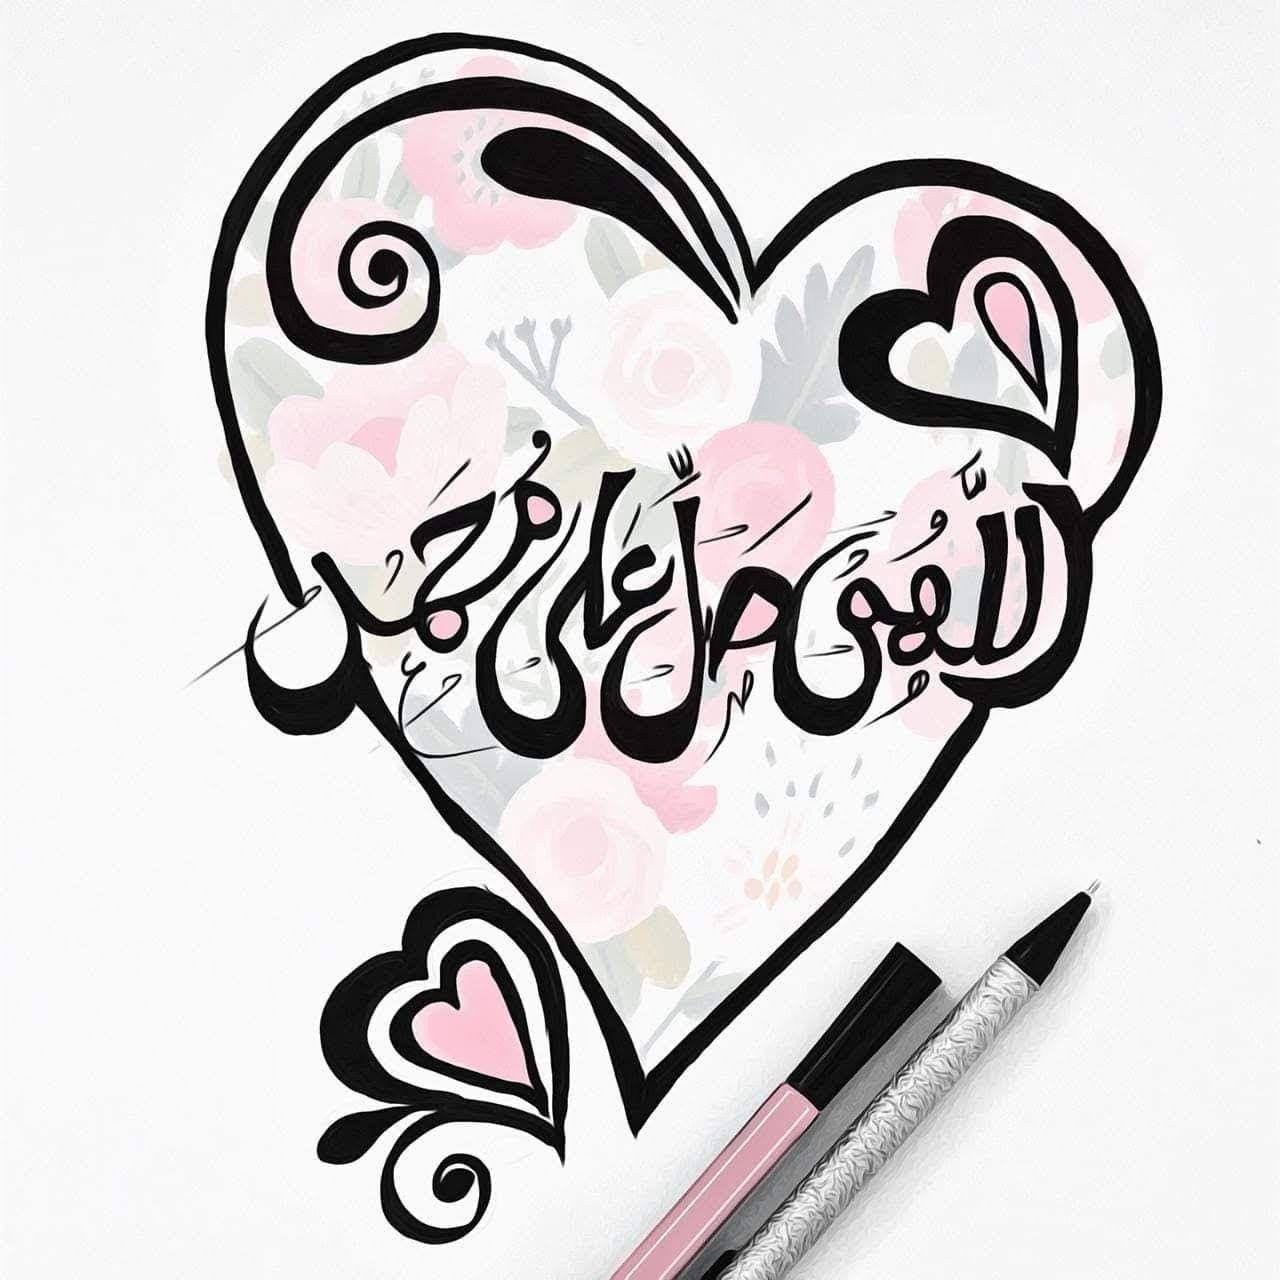 Pin on Baqi Billah and Muhammad (SAW)